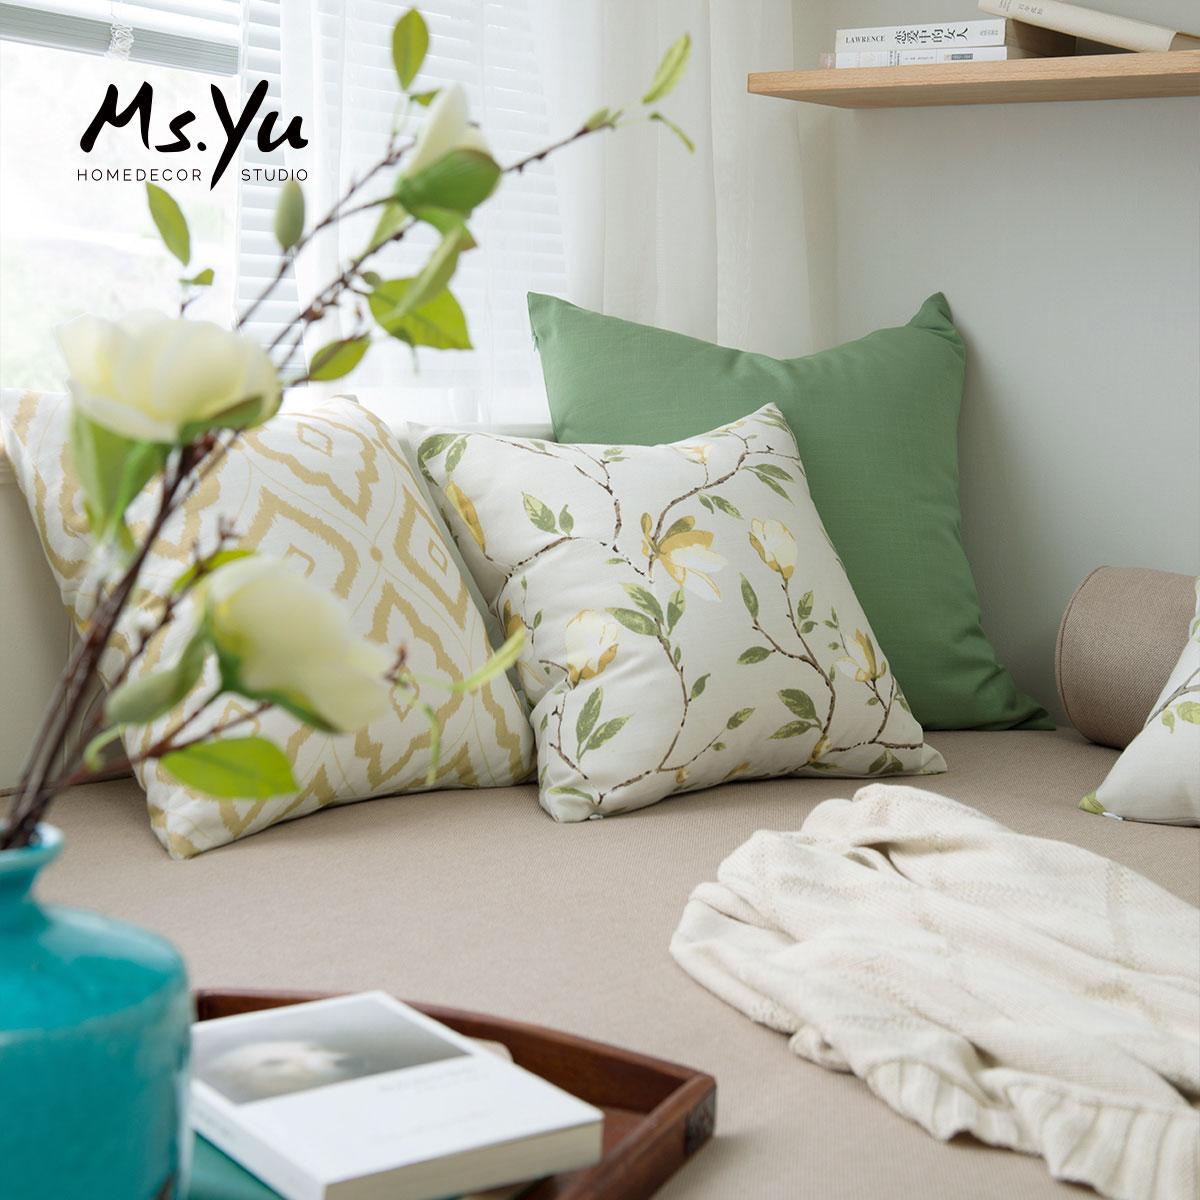 君子的后花园 工笔木兰系列抱枕套 可订制 #喻小姐设计室